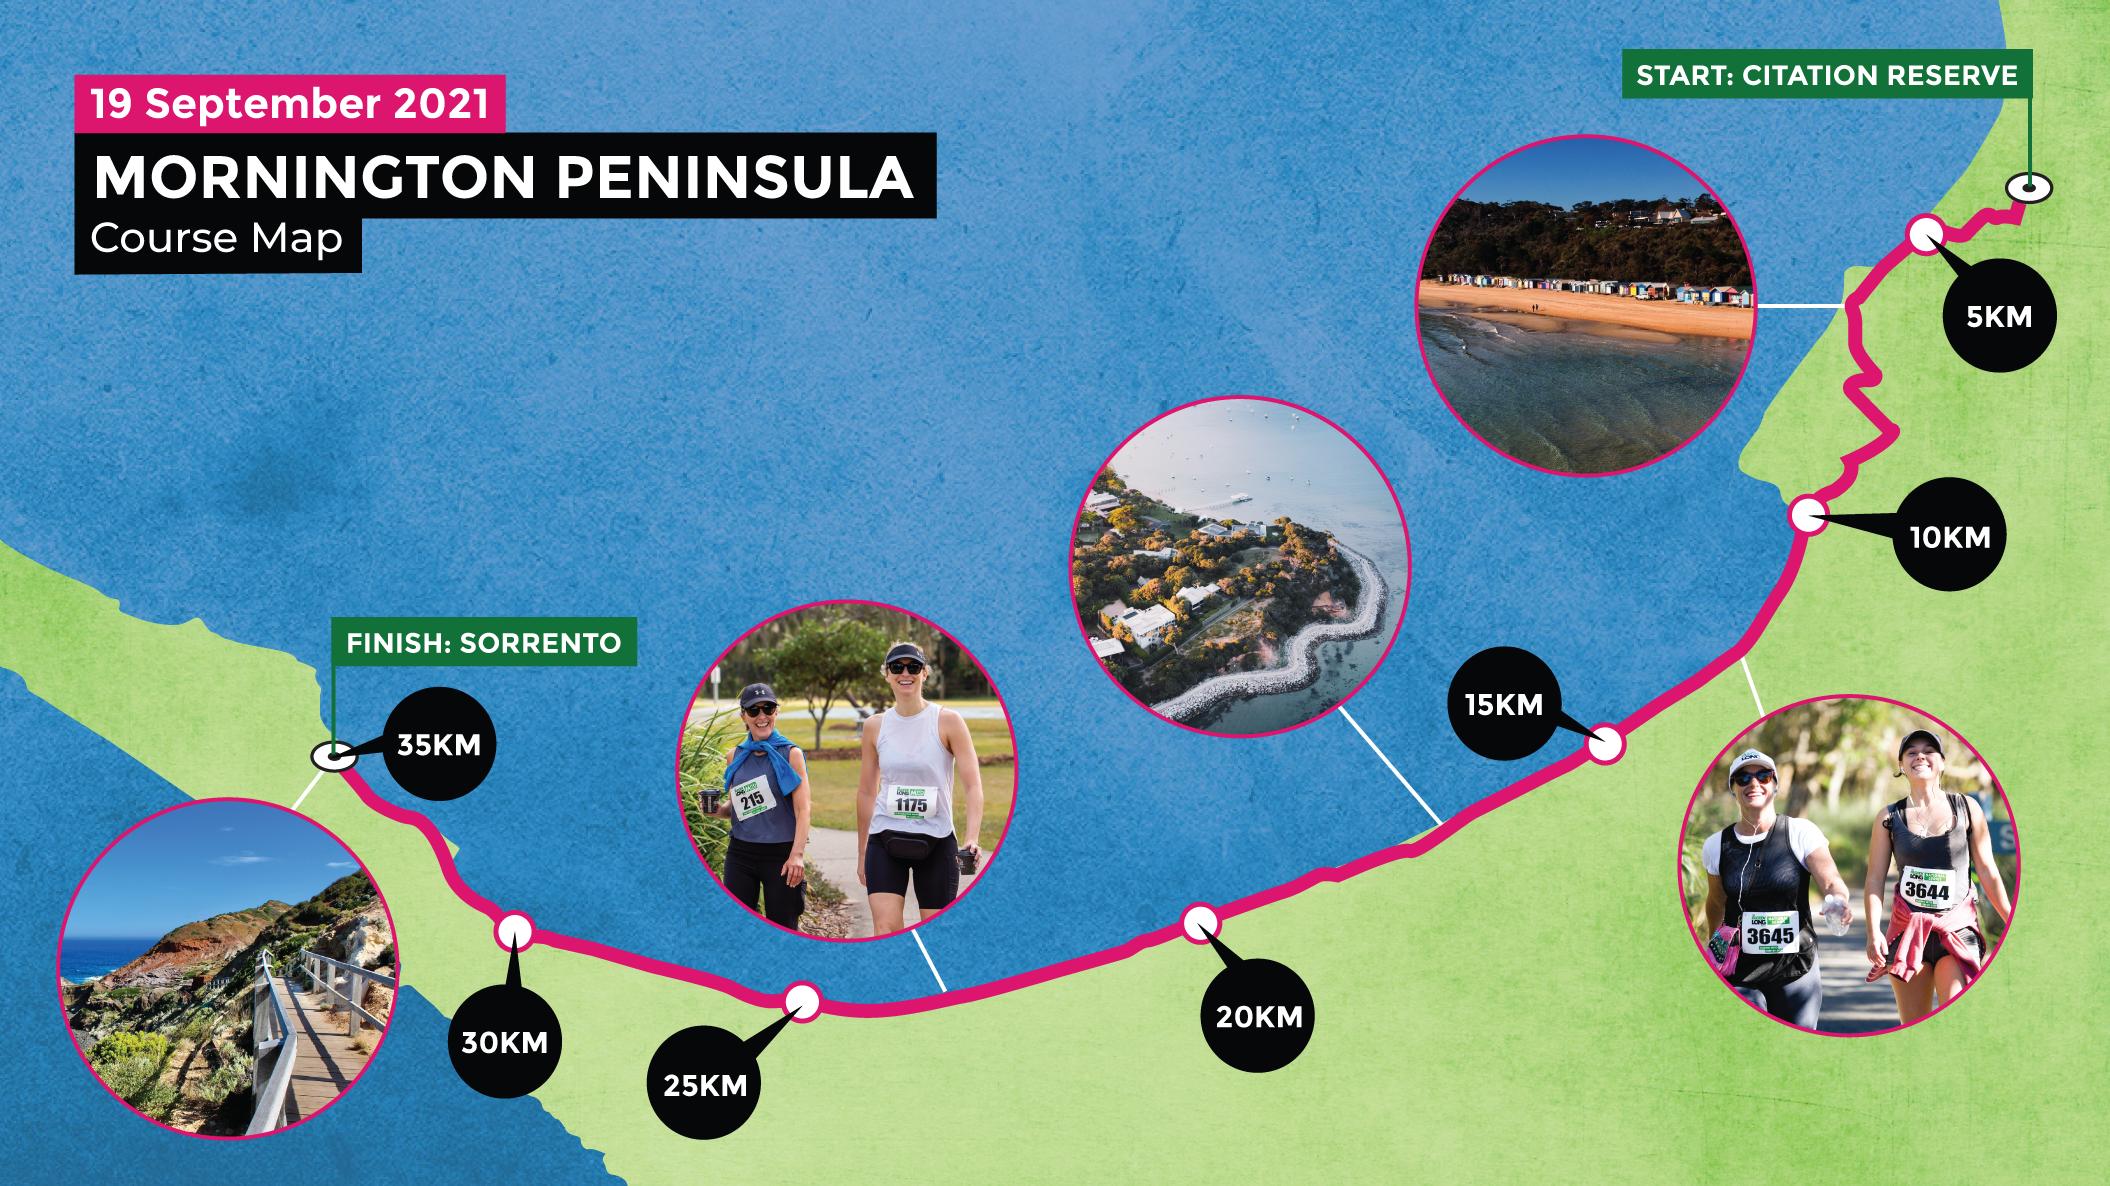 Melbourne Mornington Course Map